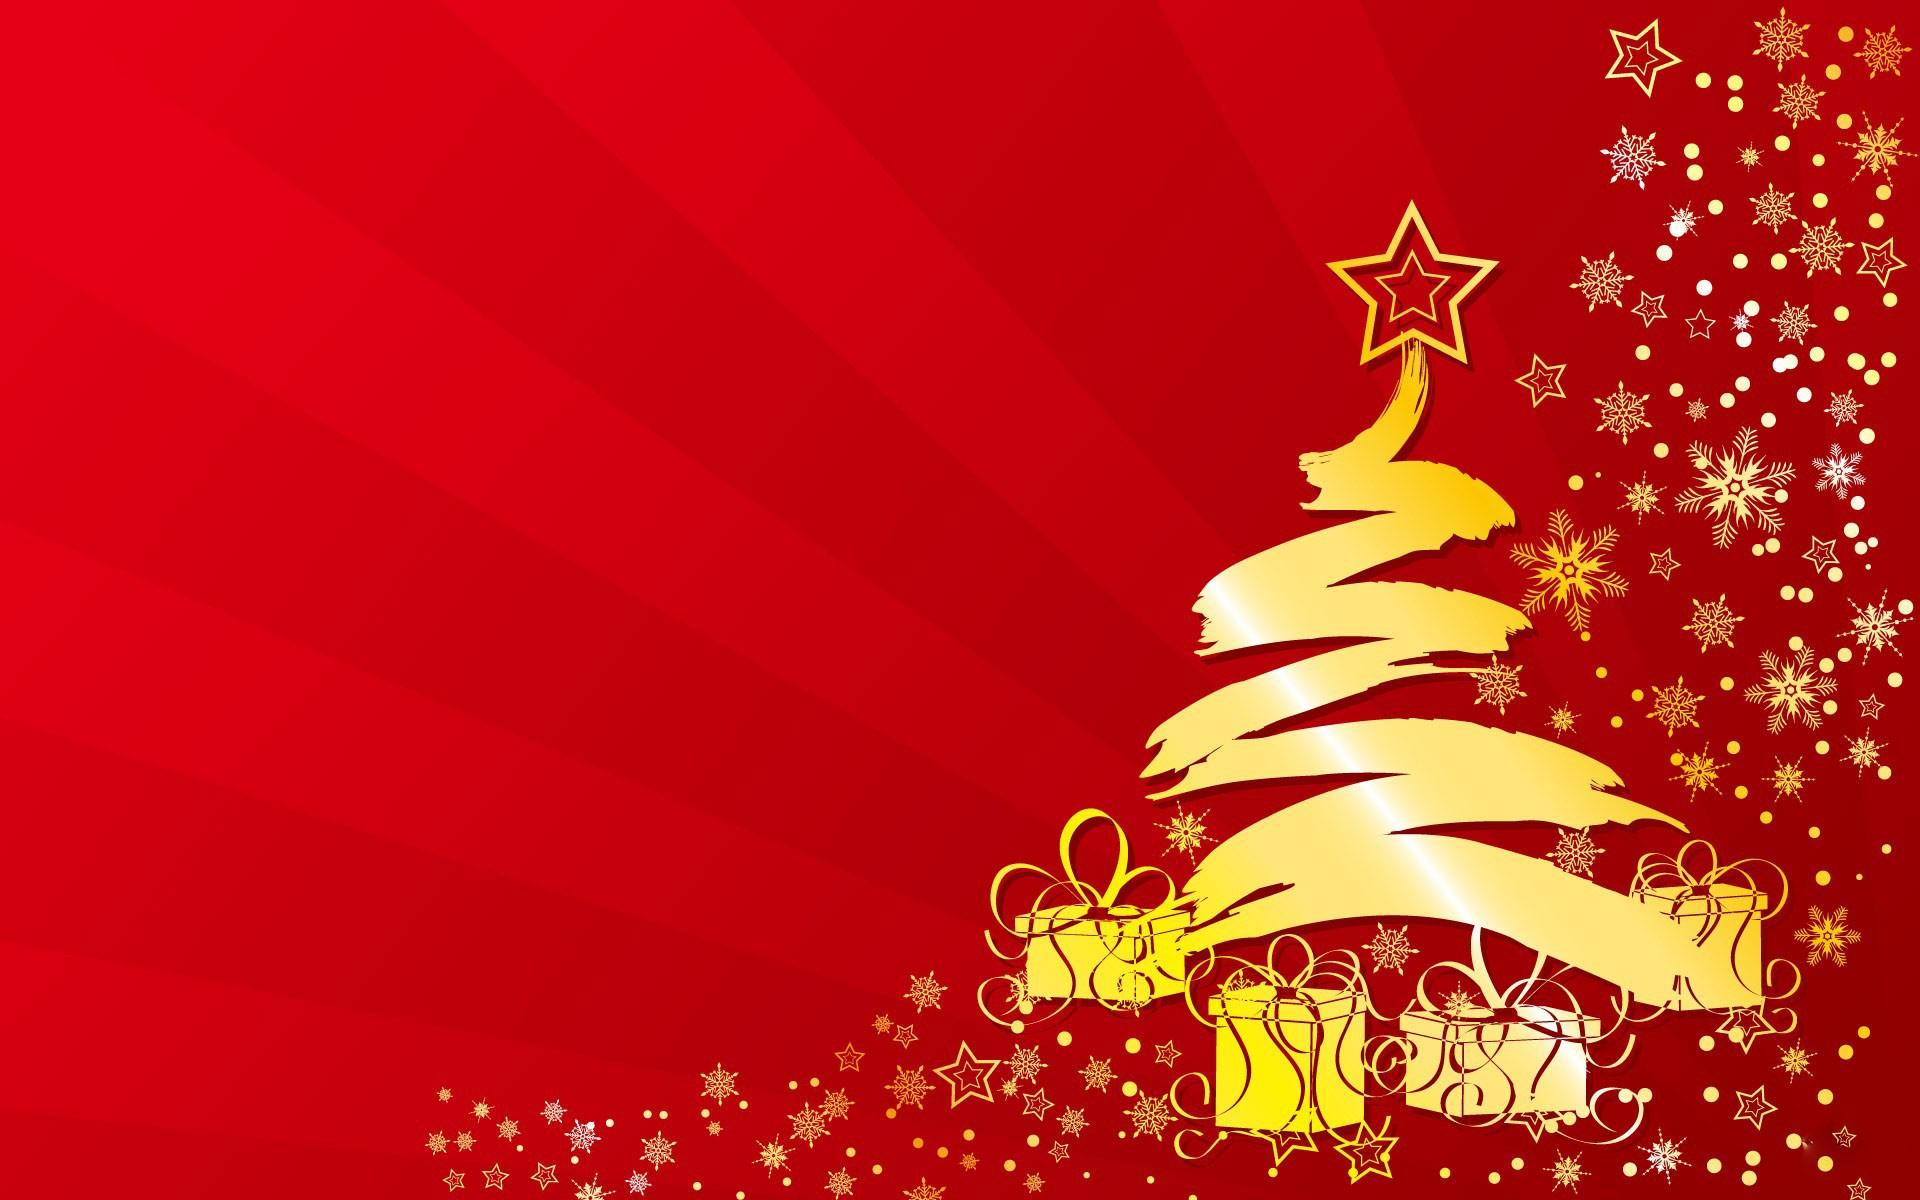 Wallpaper : ilustrasi, merah, Pohon Natal, hiasan Natal, hari